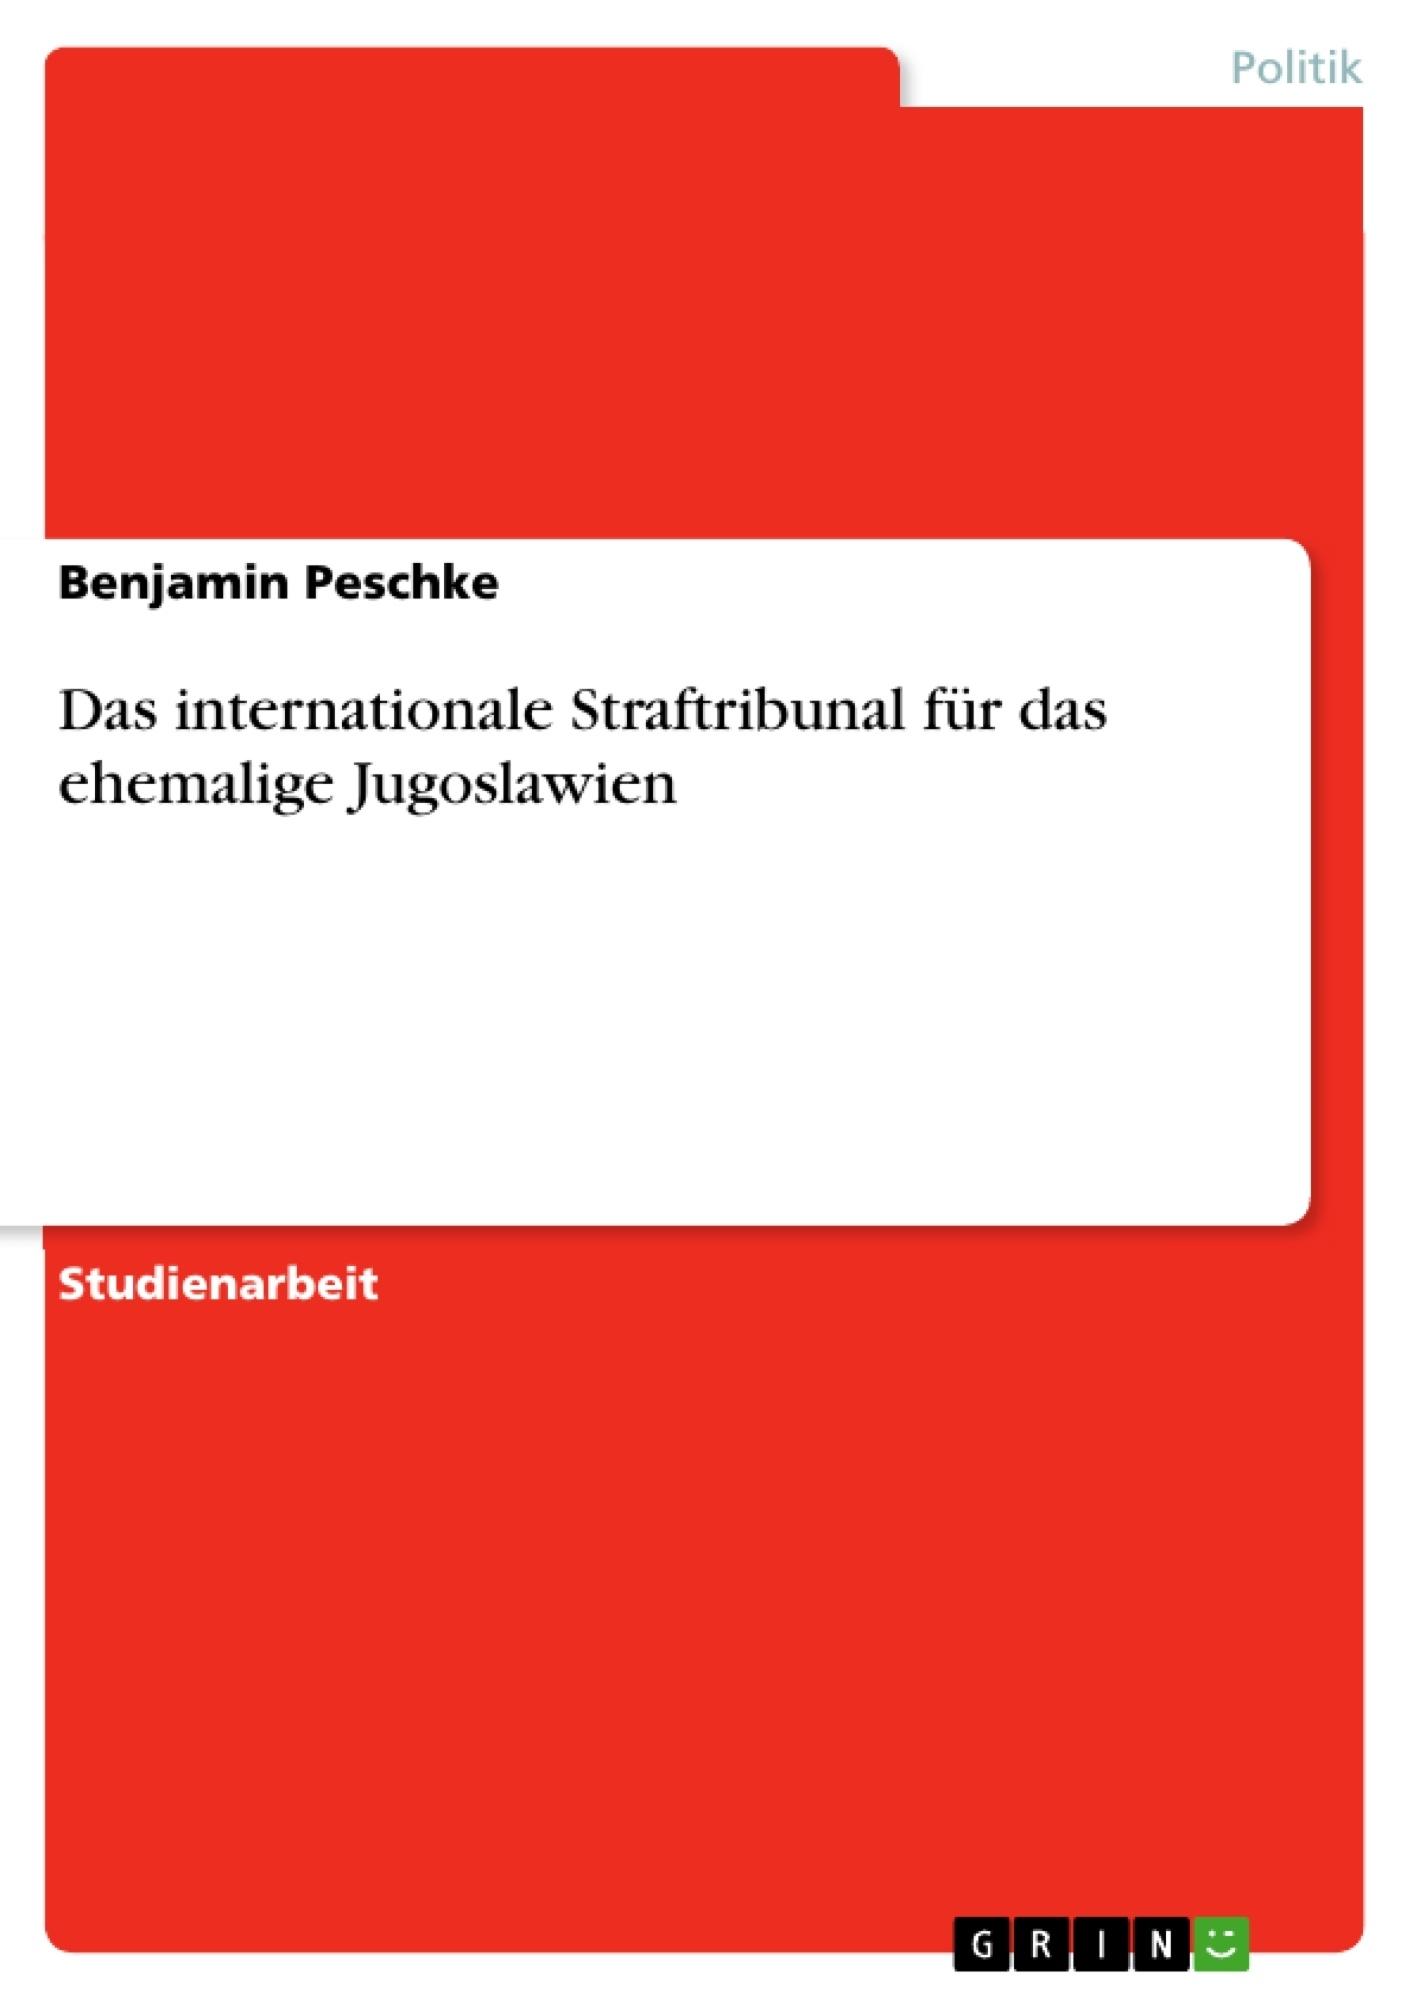 Titel: Das internationale Straftribunal für das ehemalige Jugoslawien